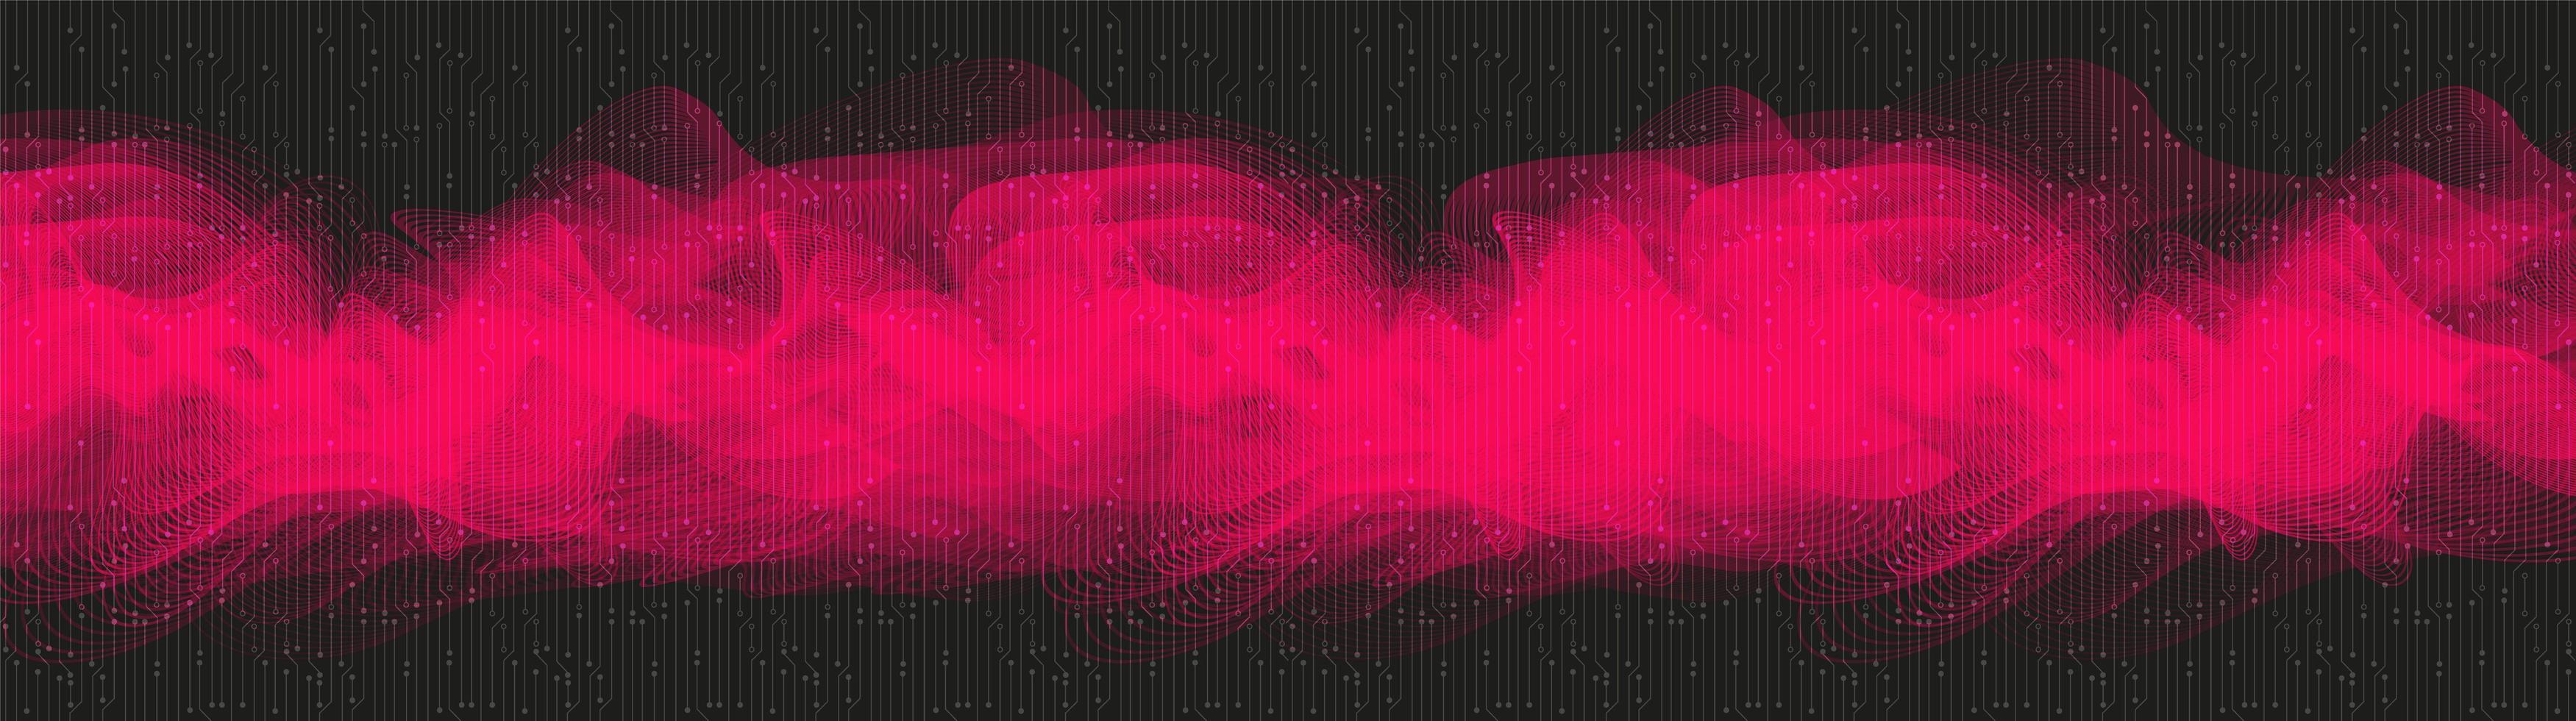 roze digitale geluidsgolf op zwarte achtergrond, technologie en aardbevingsgolf diagram concept vector